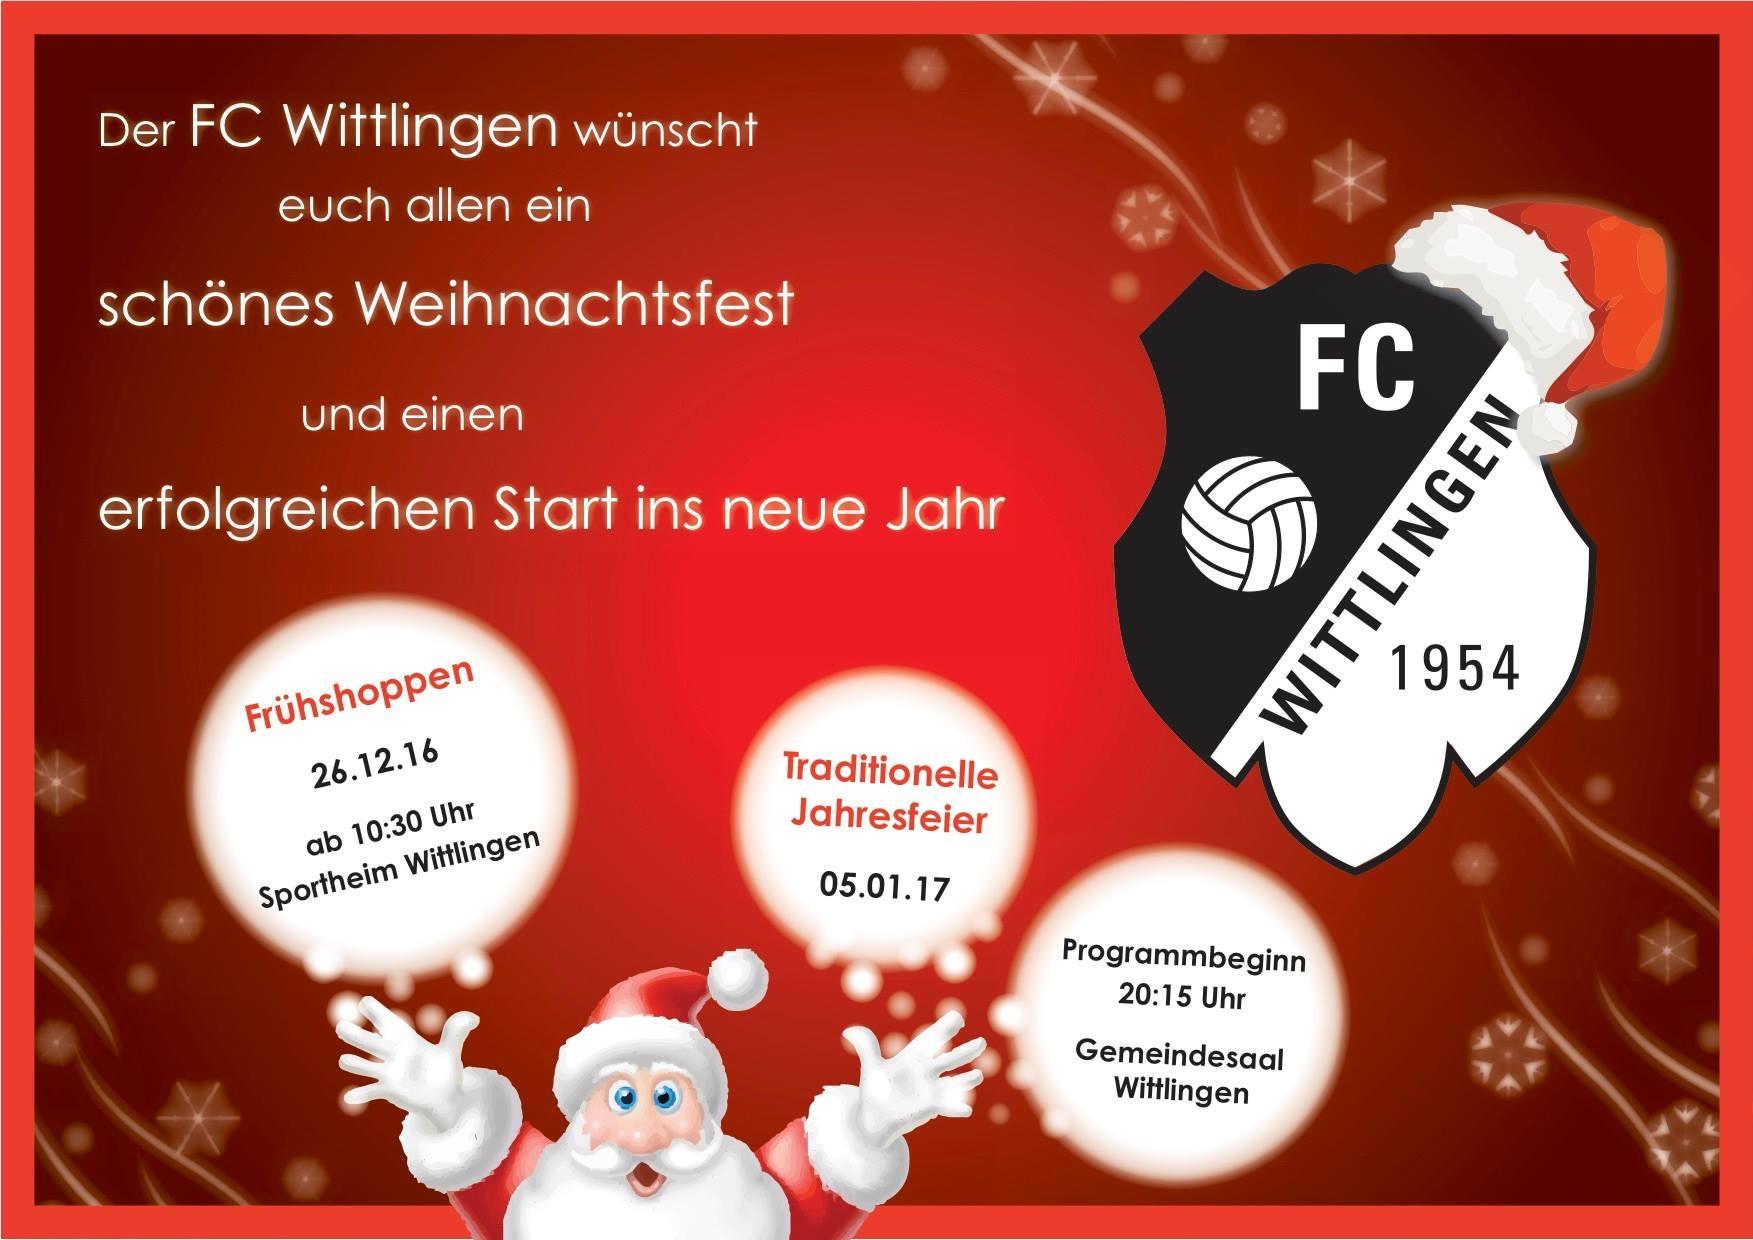 Weihnachtsgrüße Jpg.Weihnachtsgrüße Fc Wittlingen 1954 E V